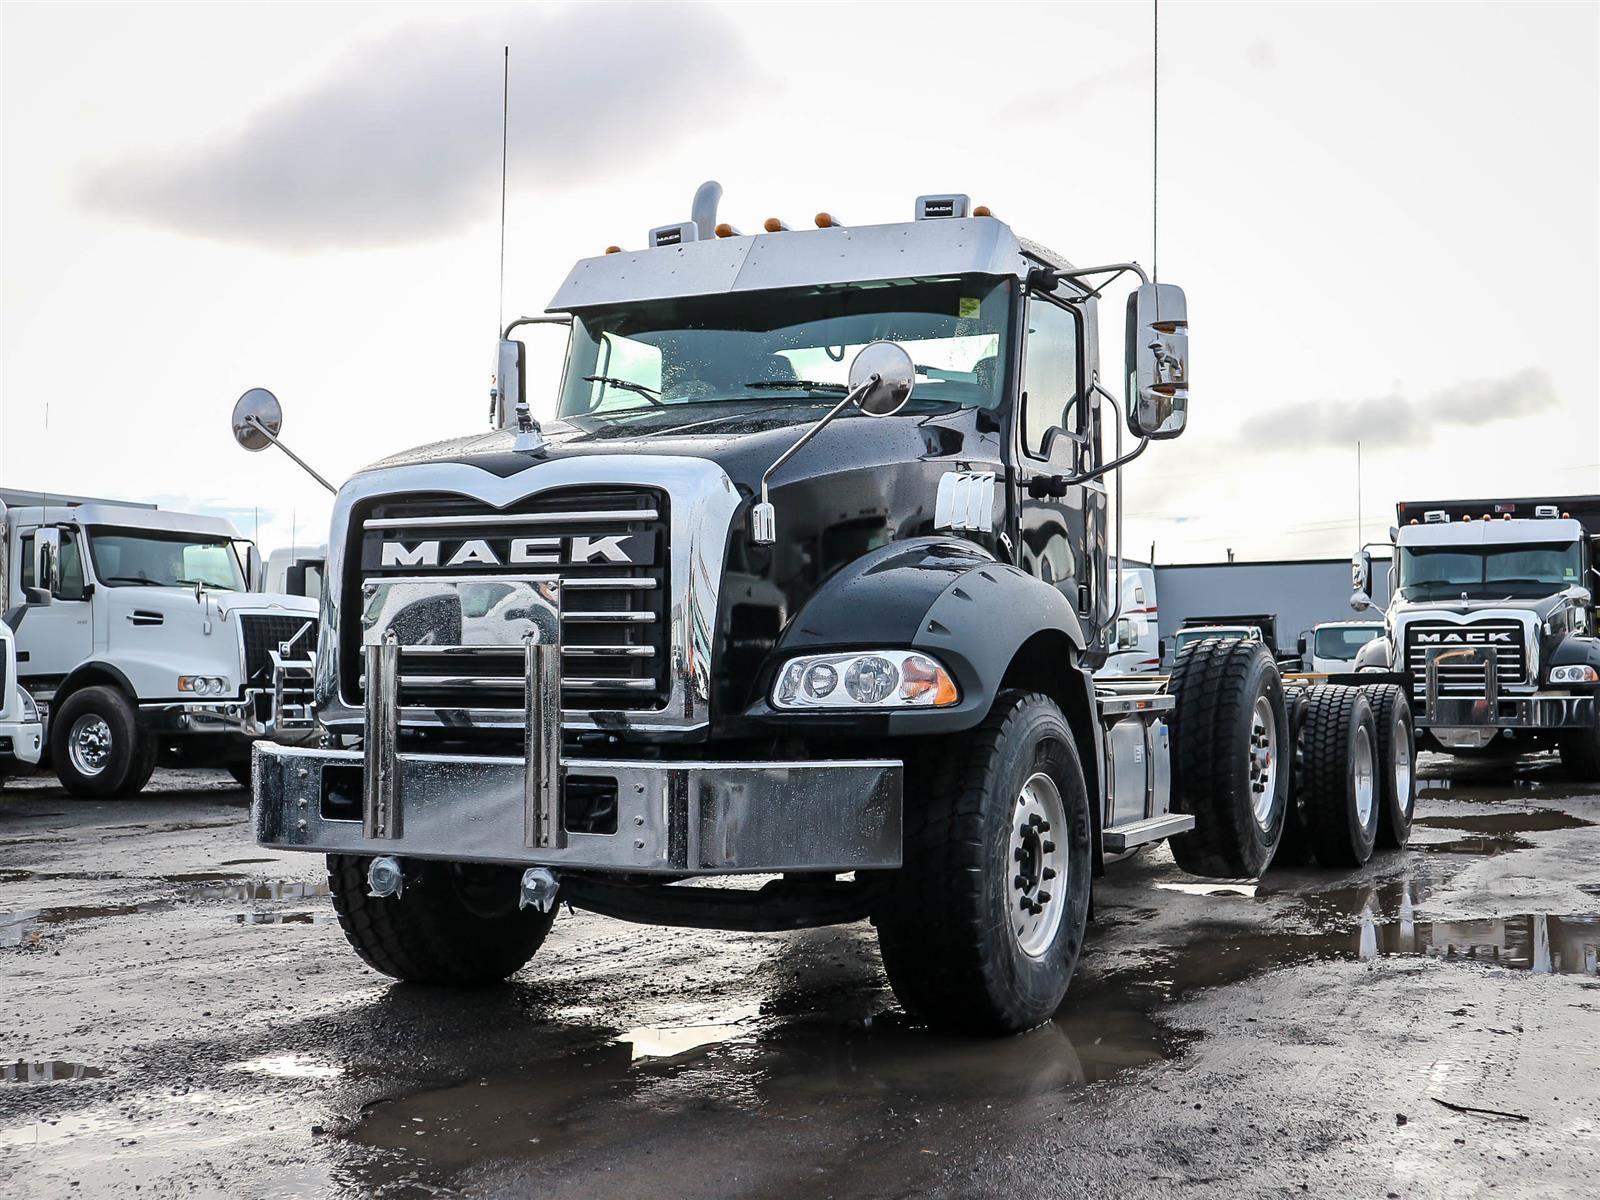 2021 Mack Granite Image